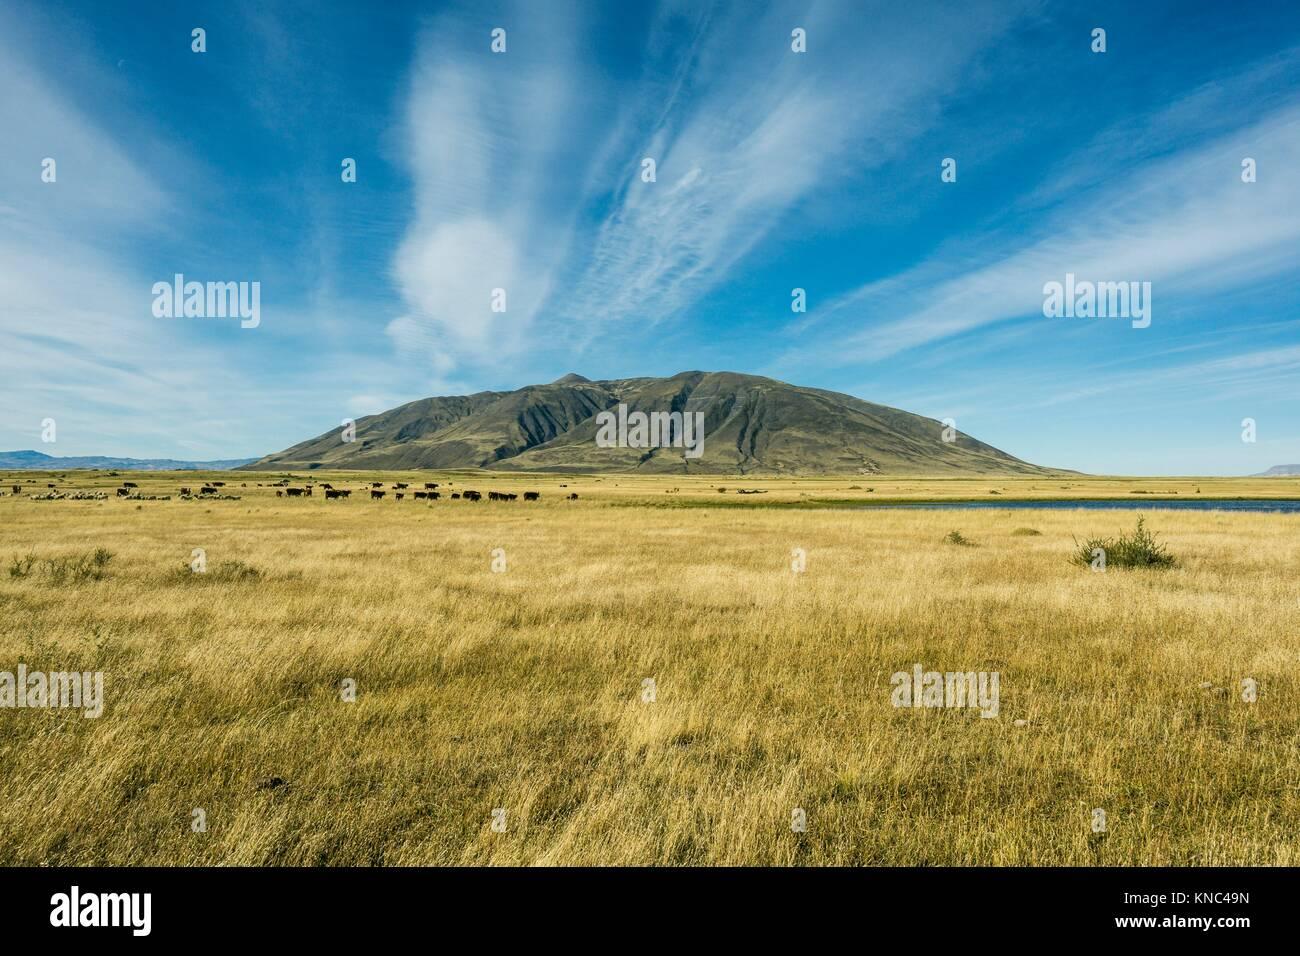 Bovini nella pampa nei pressi del lago Roca, Patagonia, Argentina. Immagini Stock